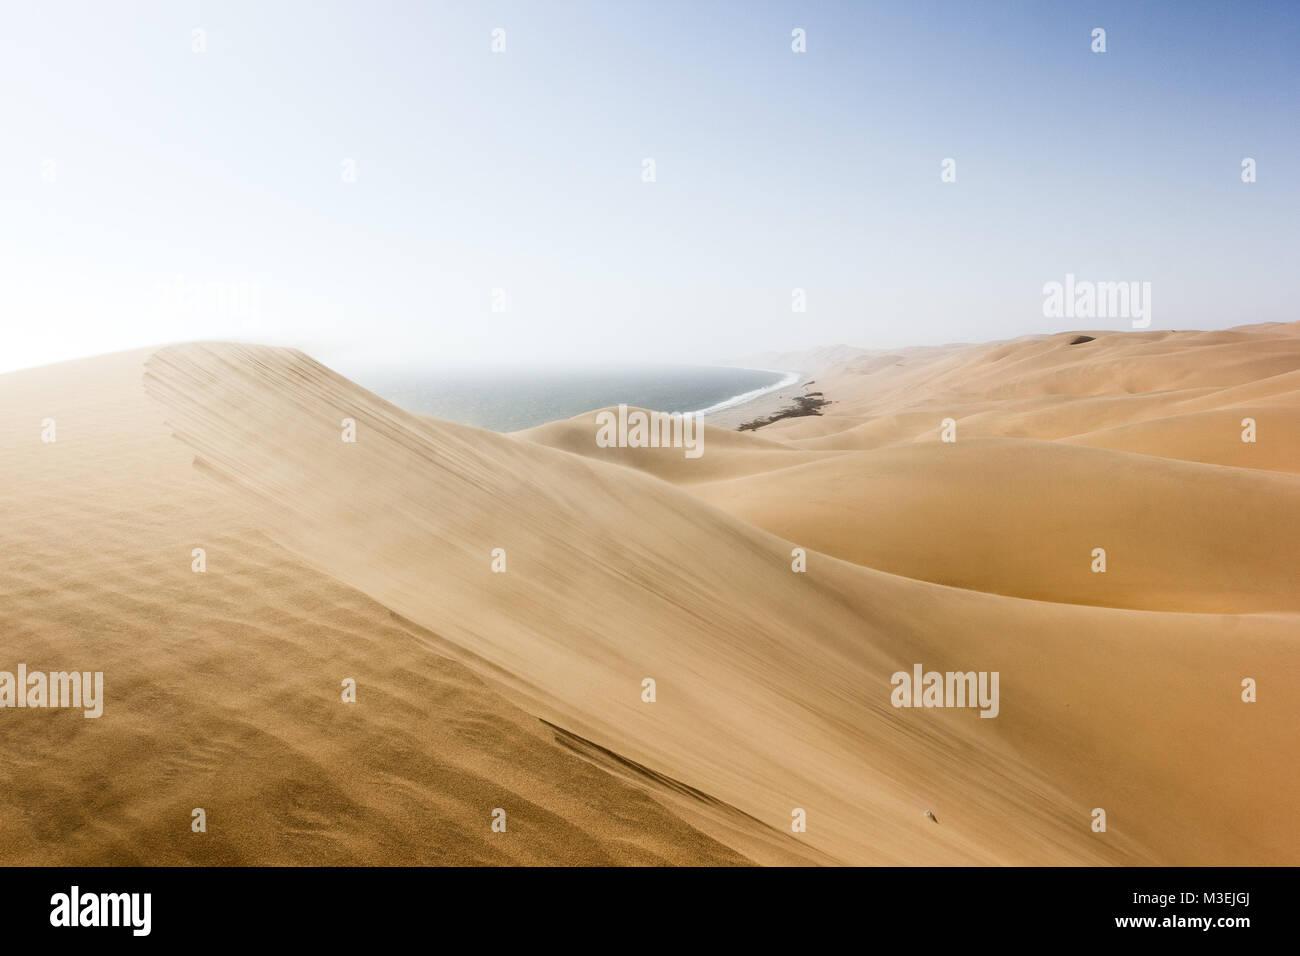 Porto di sandwich, dove il deserto incontra l'oceano, Namibia, Africa Foto Stock